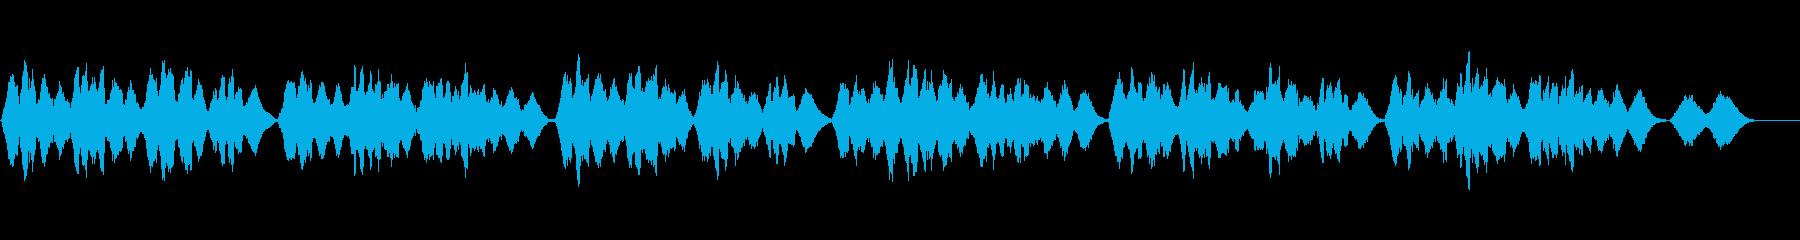 讃美歌428「またき愛たまう神よ」の再生済みの波形